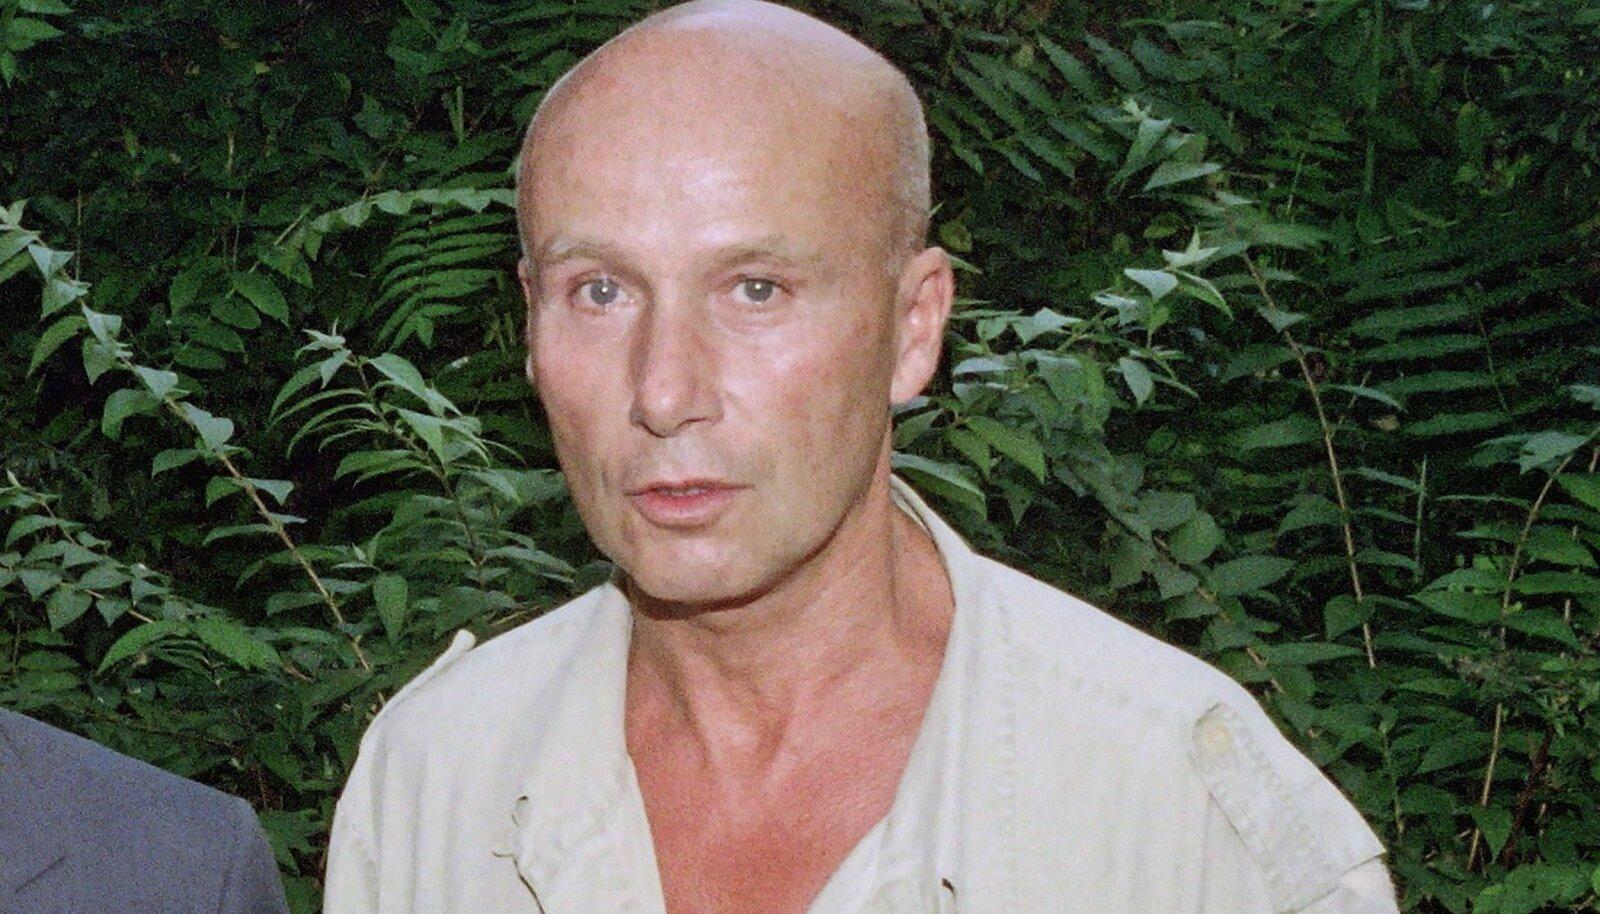 TUNNUSTATUD LASTEPILASTAJA: Gabriel Matzneffi pedofiilsetest kalduvustest teadsid Prantsusmaal kõik juba aastakümneid. Fotol Matzneff aastal 1990.